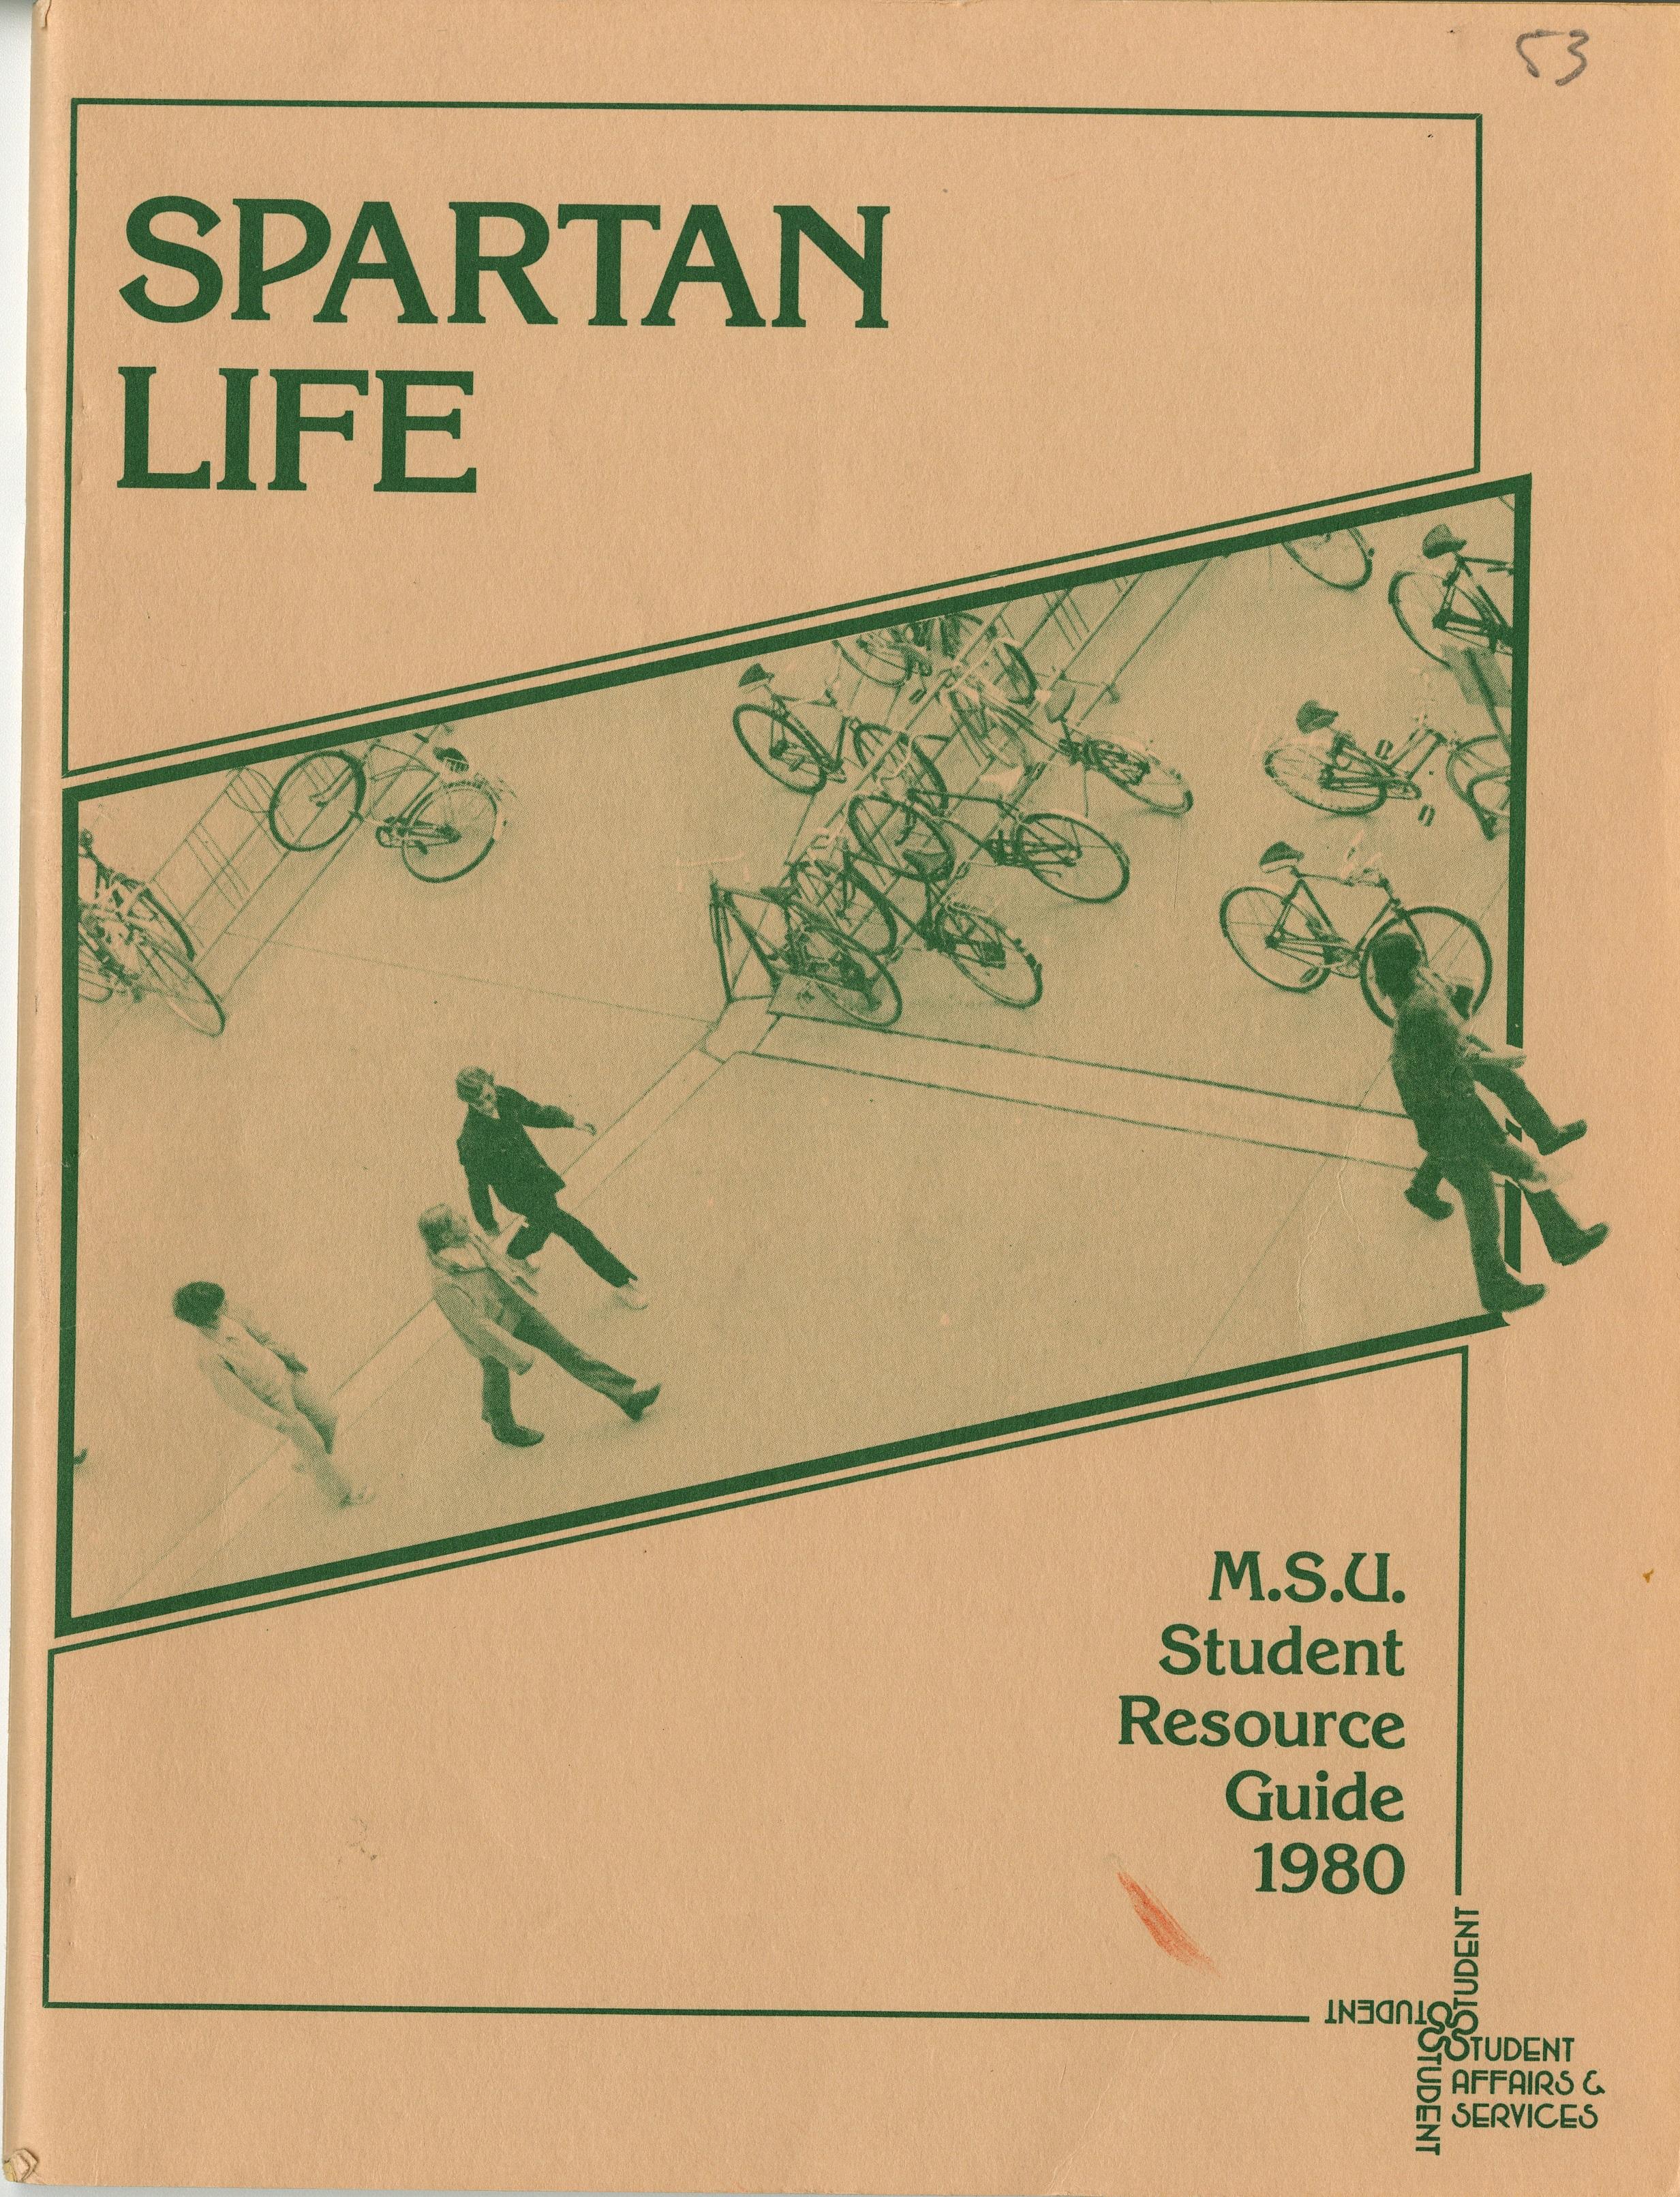 Student Handbook, 1980